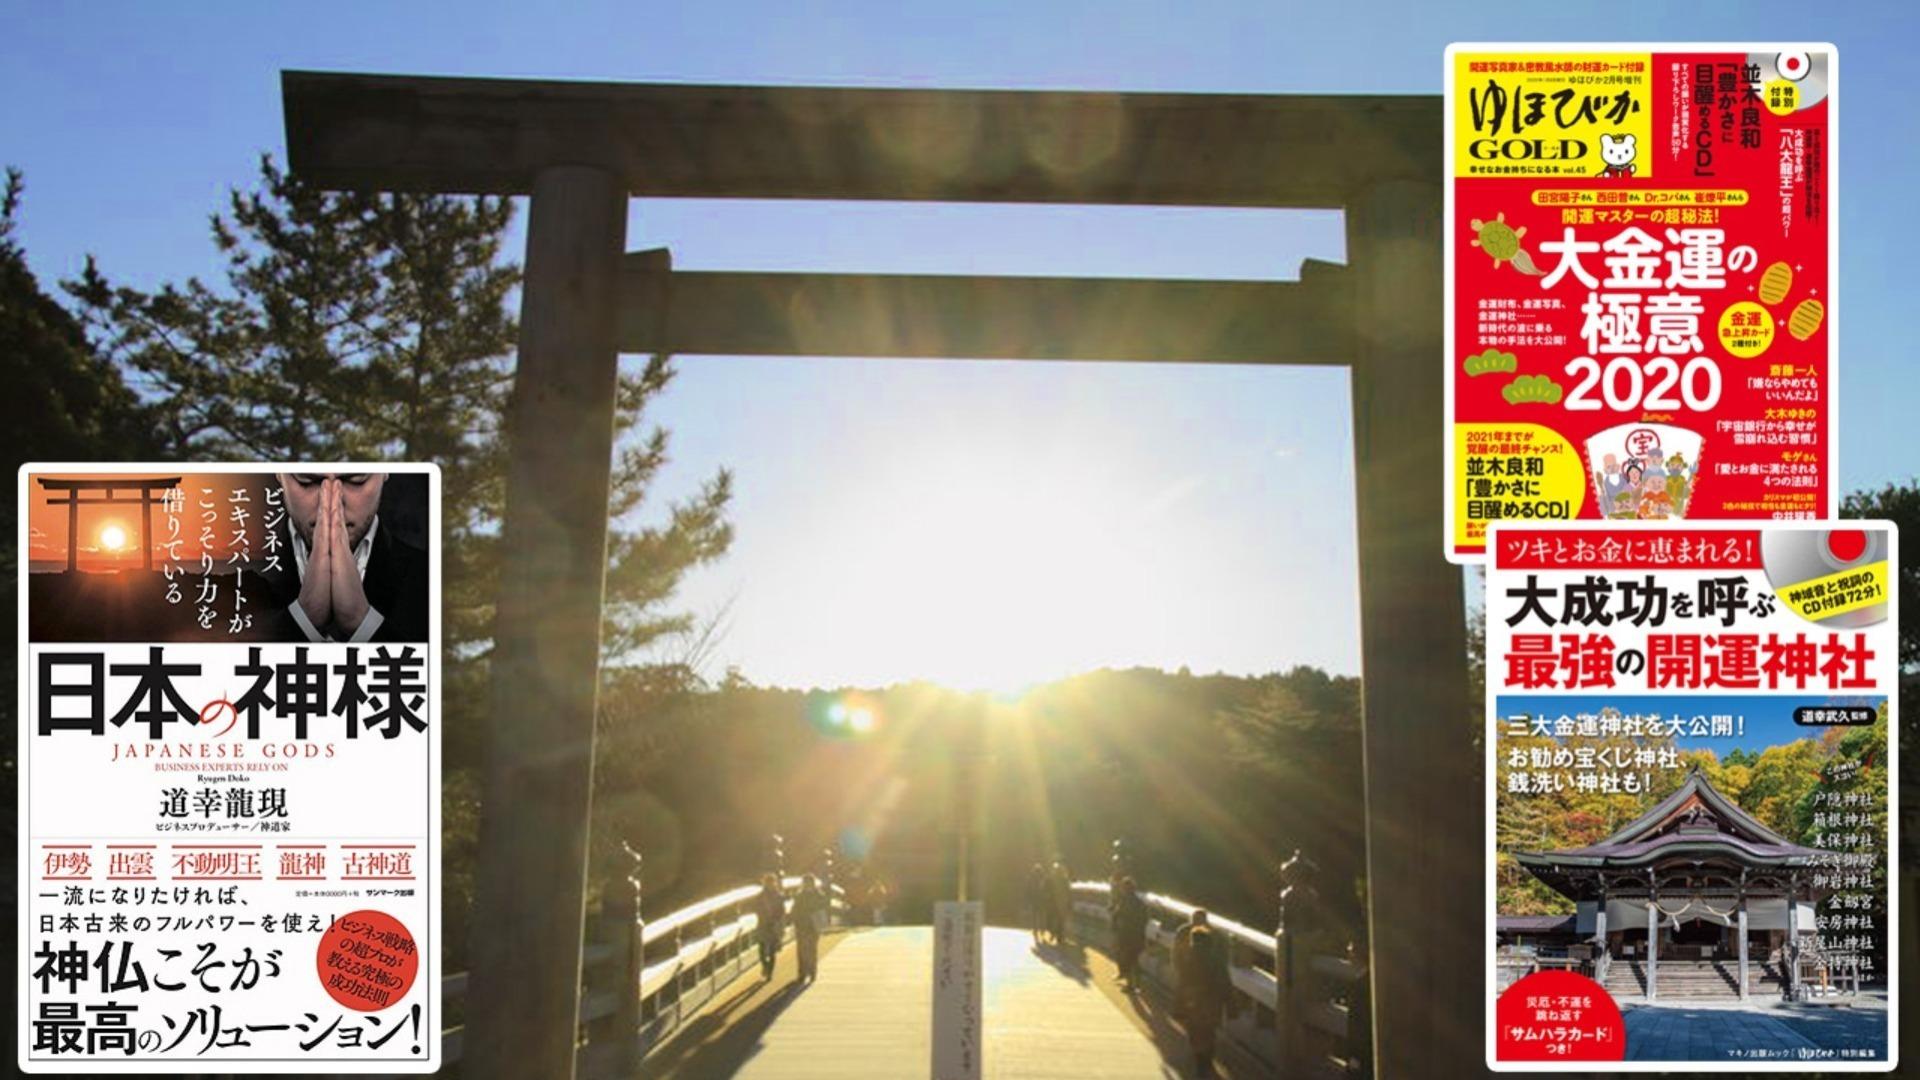 21.5.11【神道編】第35回 出雲屋敷